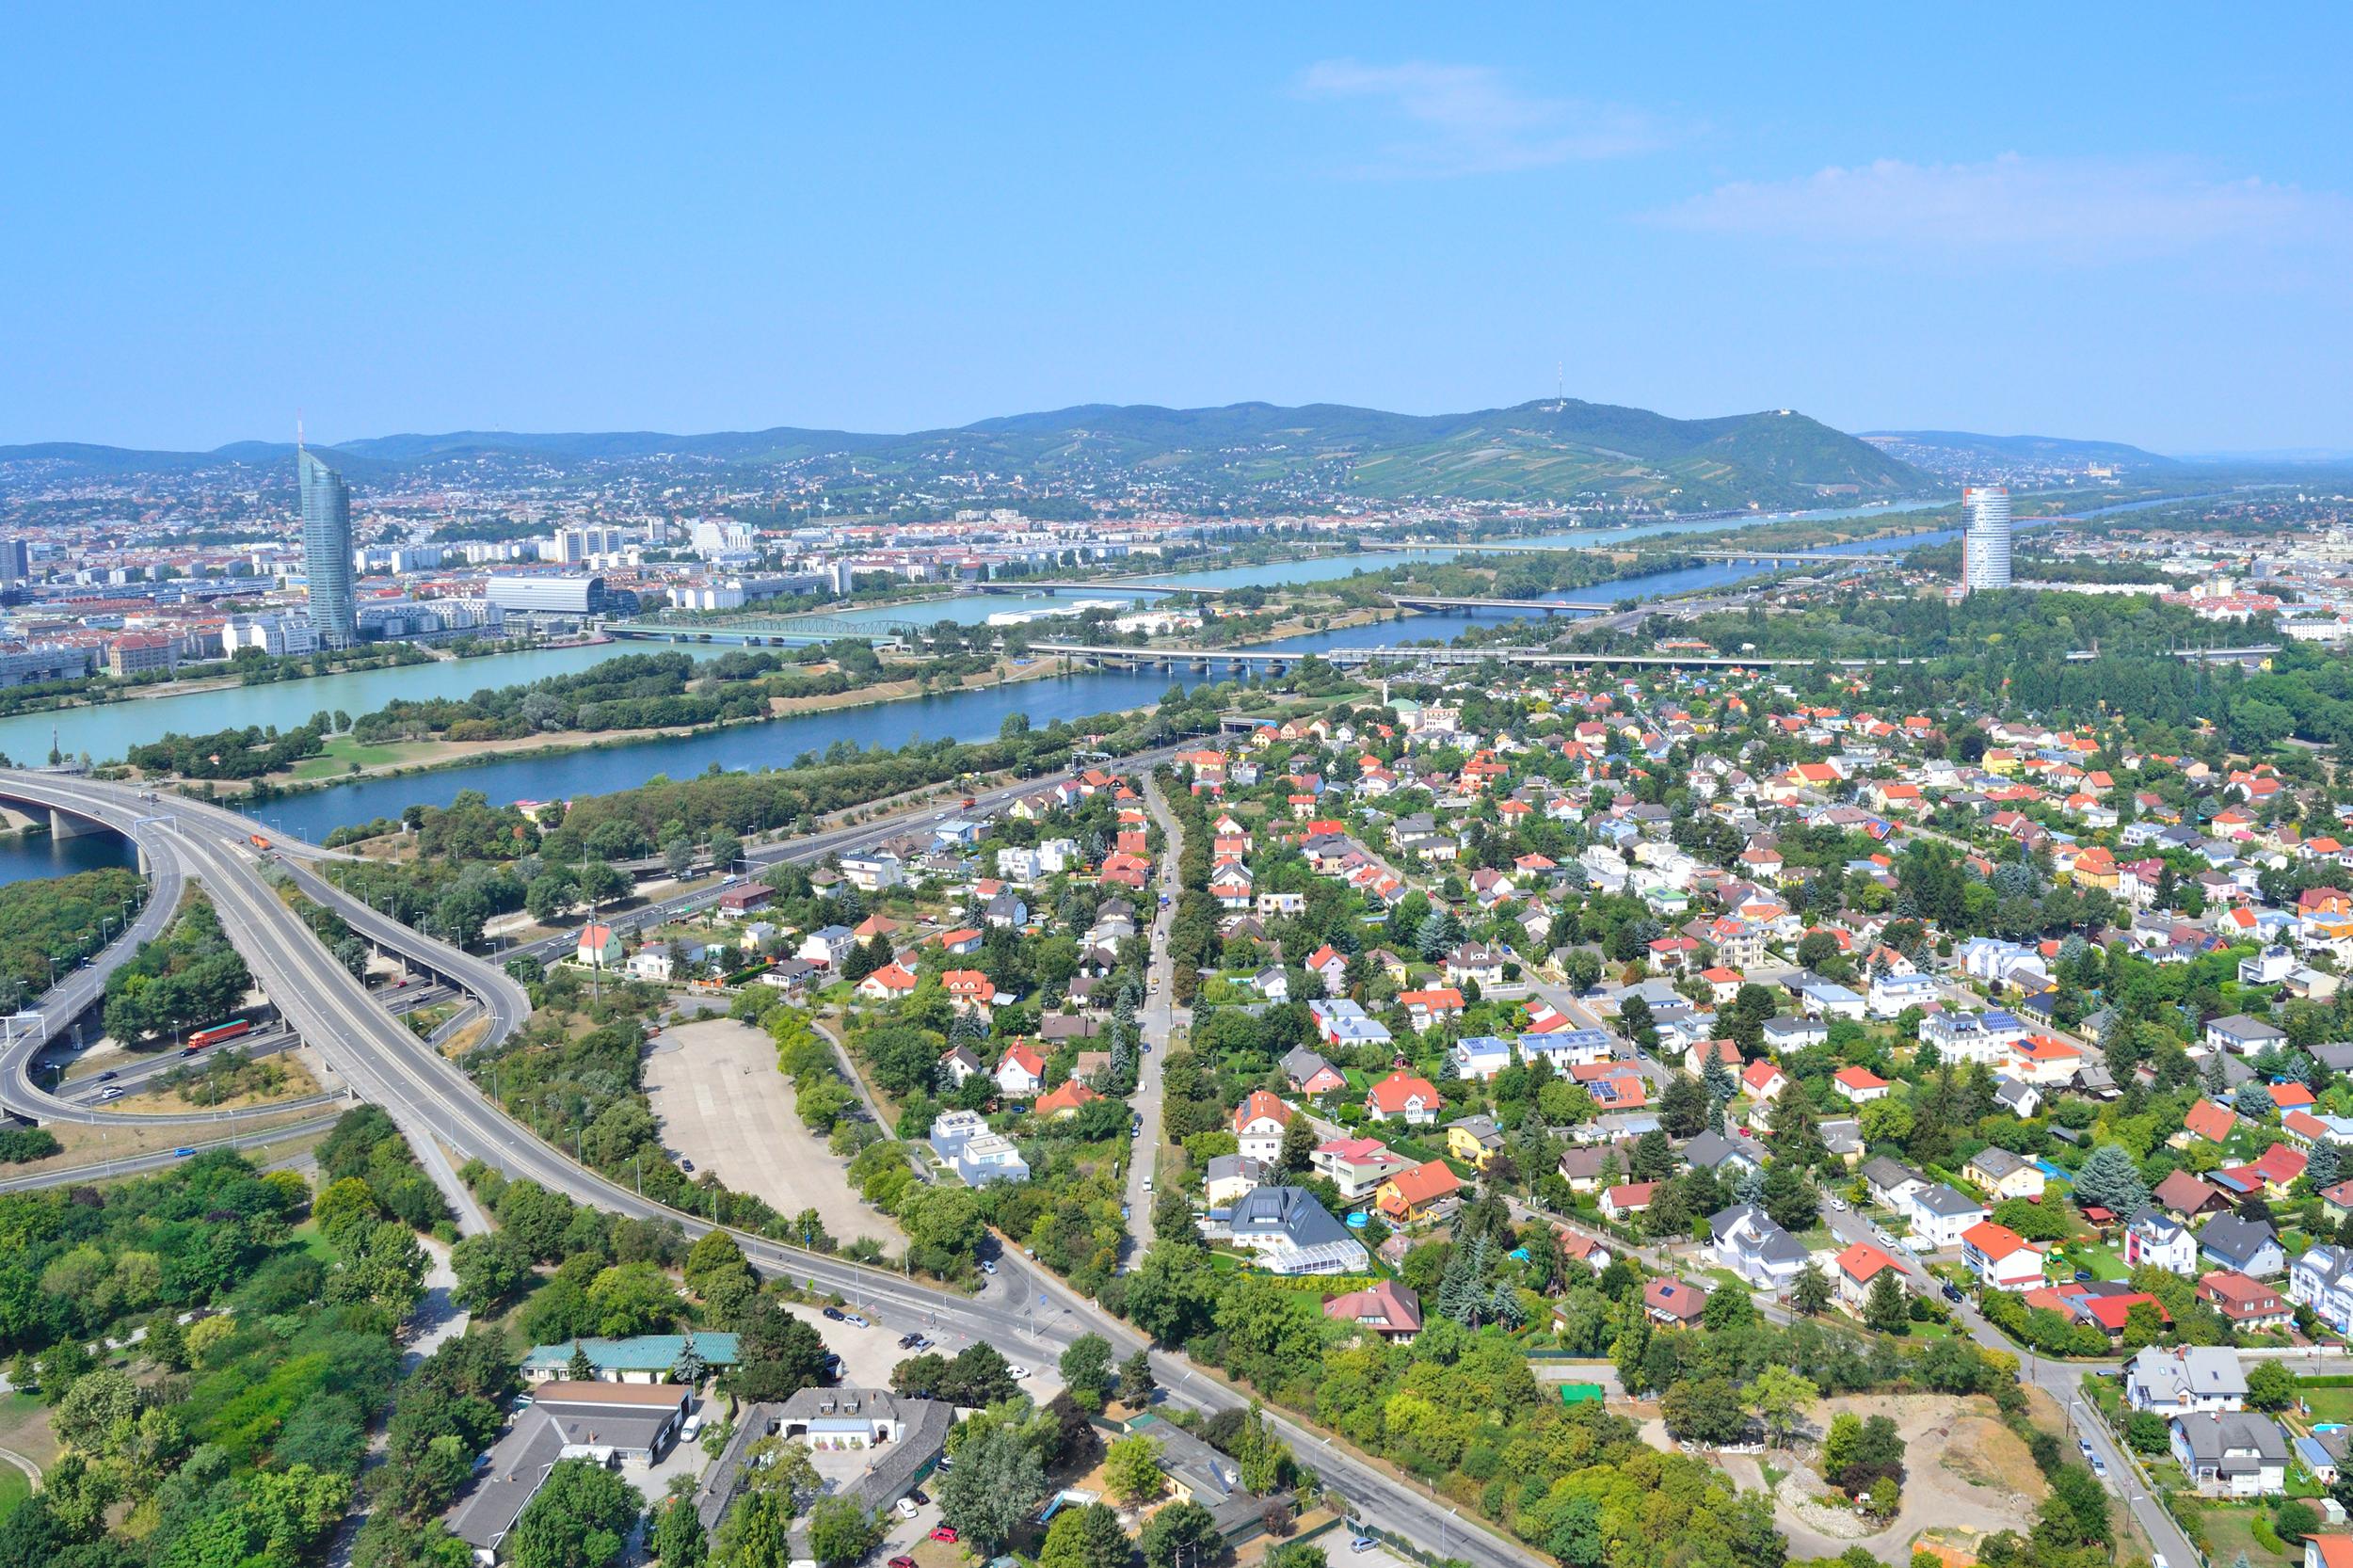 4 Tipps, um Leute in Wien kennenzulernen - rockmartonline.com